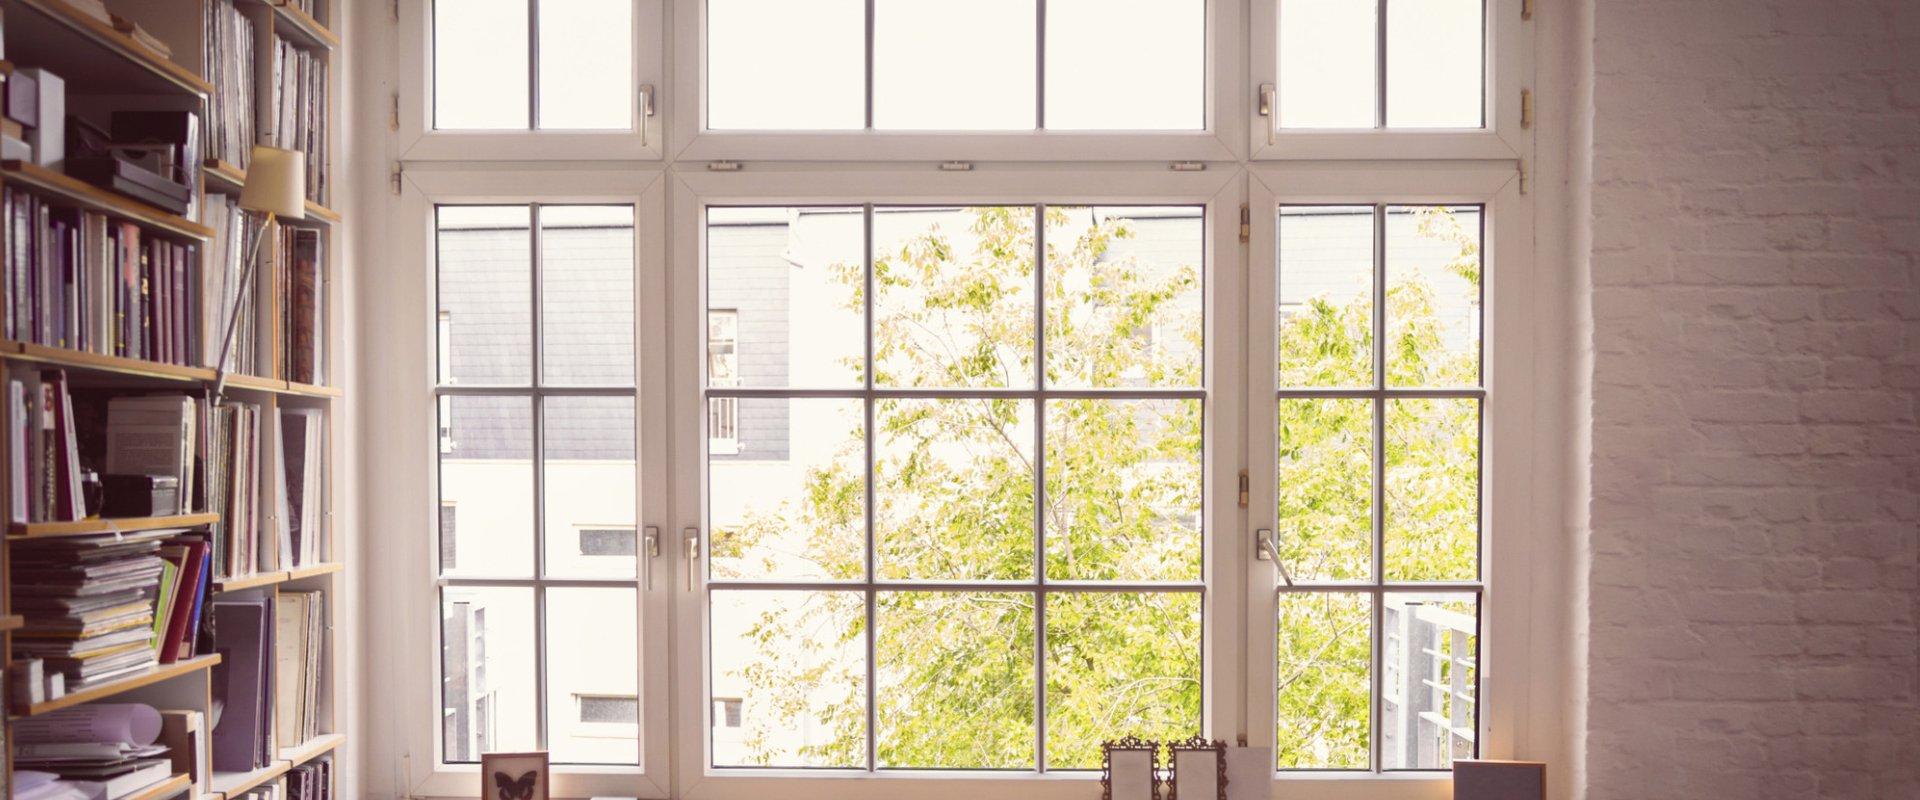 windows installed